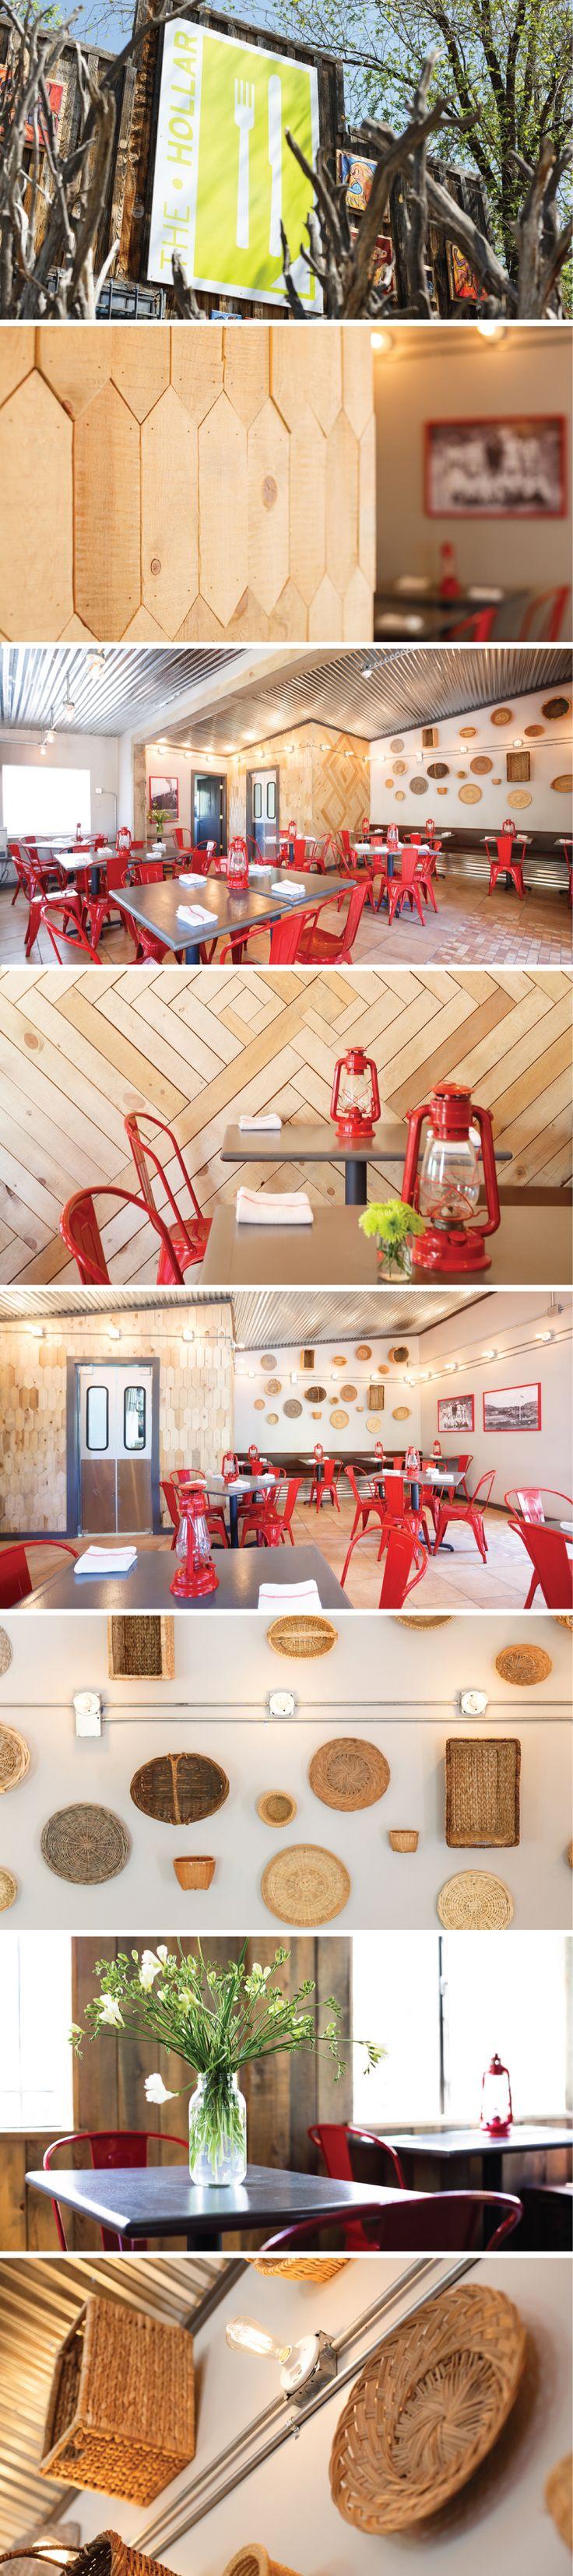 best 25+ rustic restaurant interior ideas on pinterest | rustic